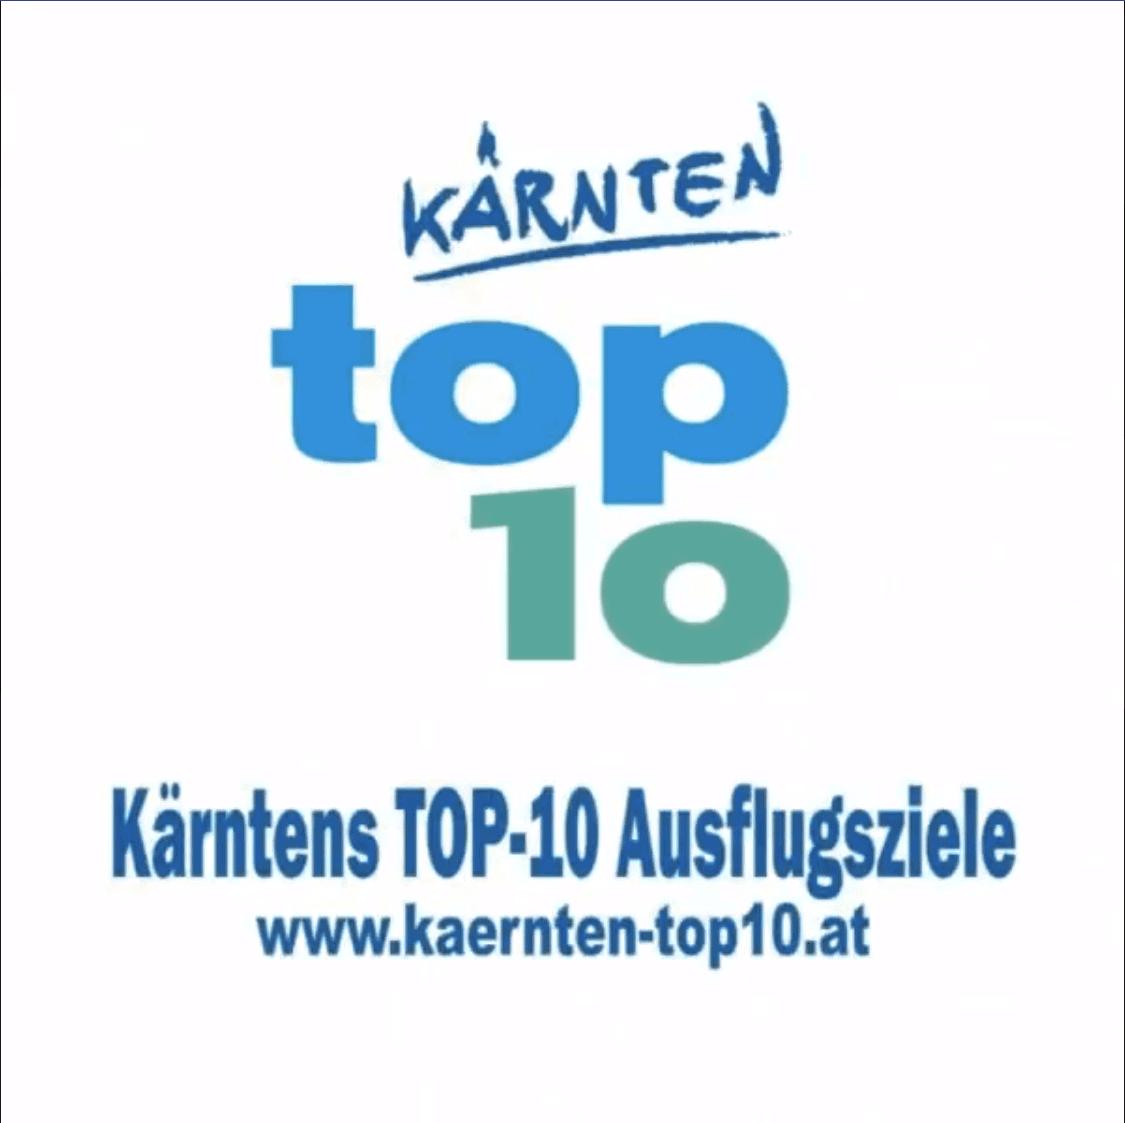 Kärntens TOP 10 Ausflugsziele und Sehenswürdigkeiten für Klopeinersee Südkärnten - Logo und Info